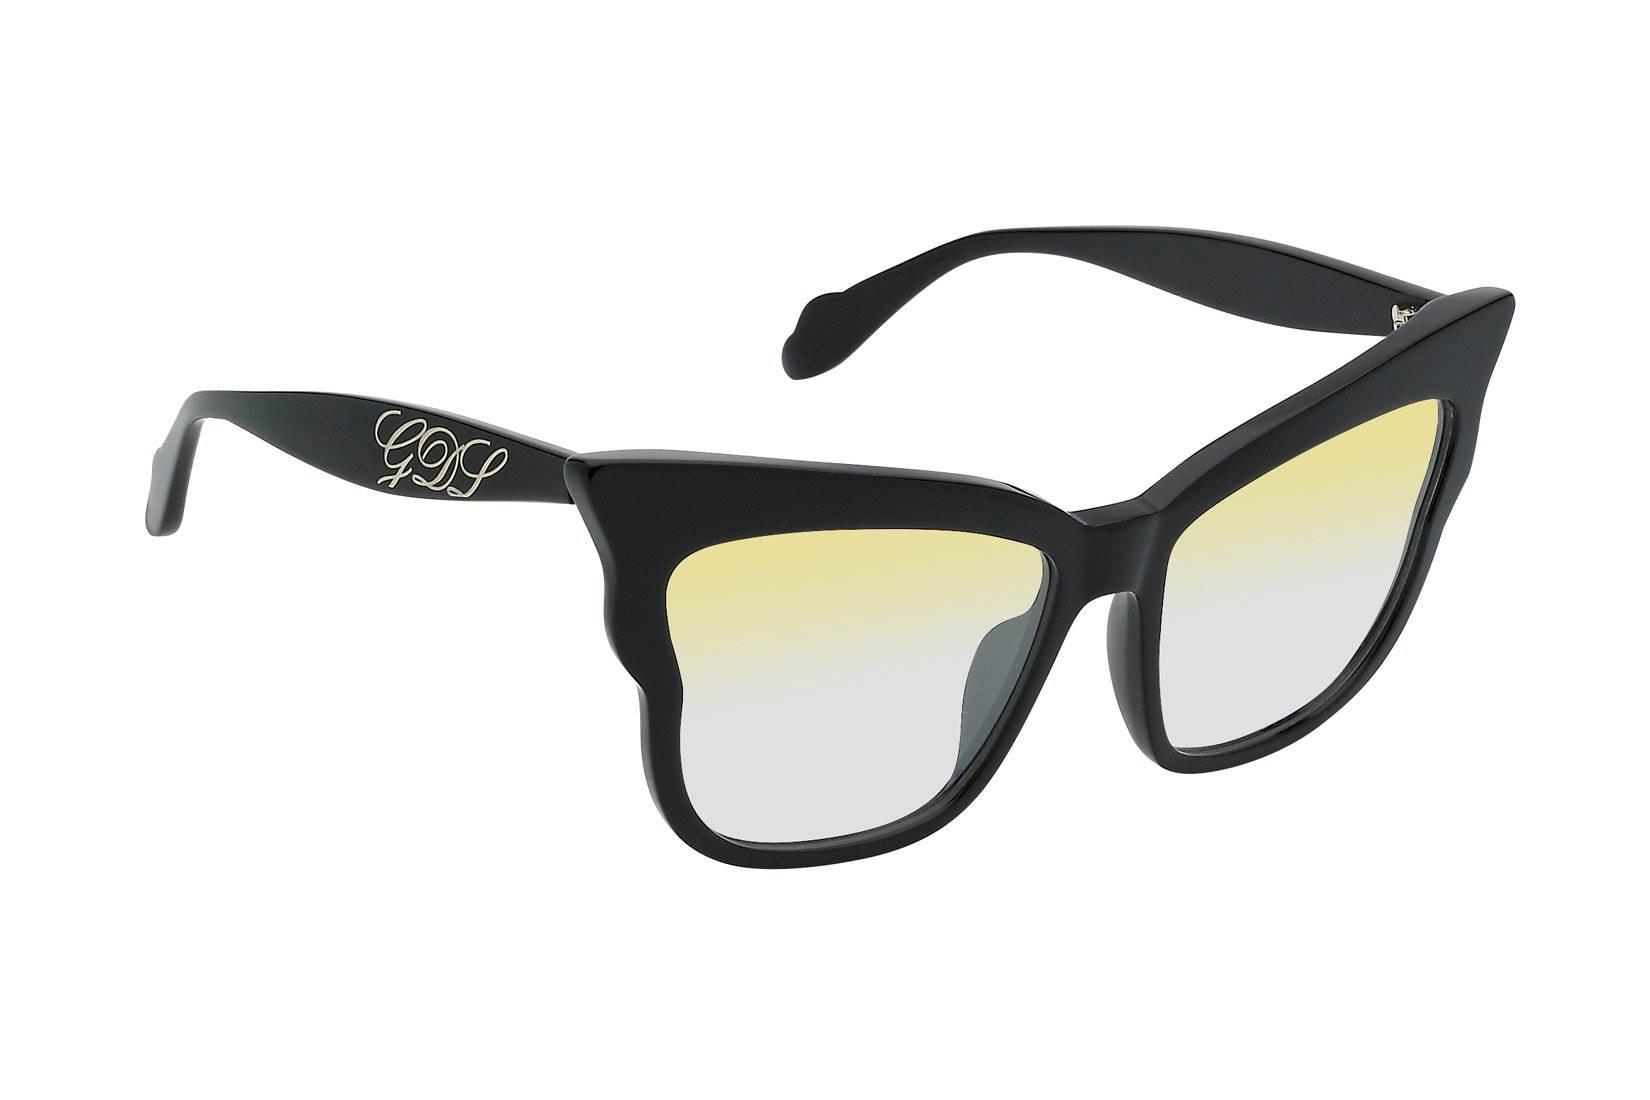 nuovo prodotto acc98 aa537 Occhiali blumarine by giulia de lellis ora disponibili ...